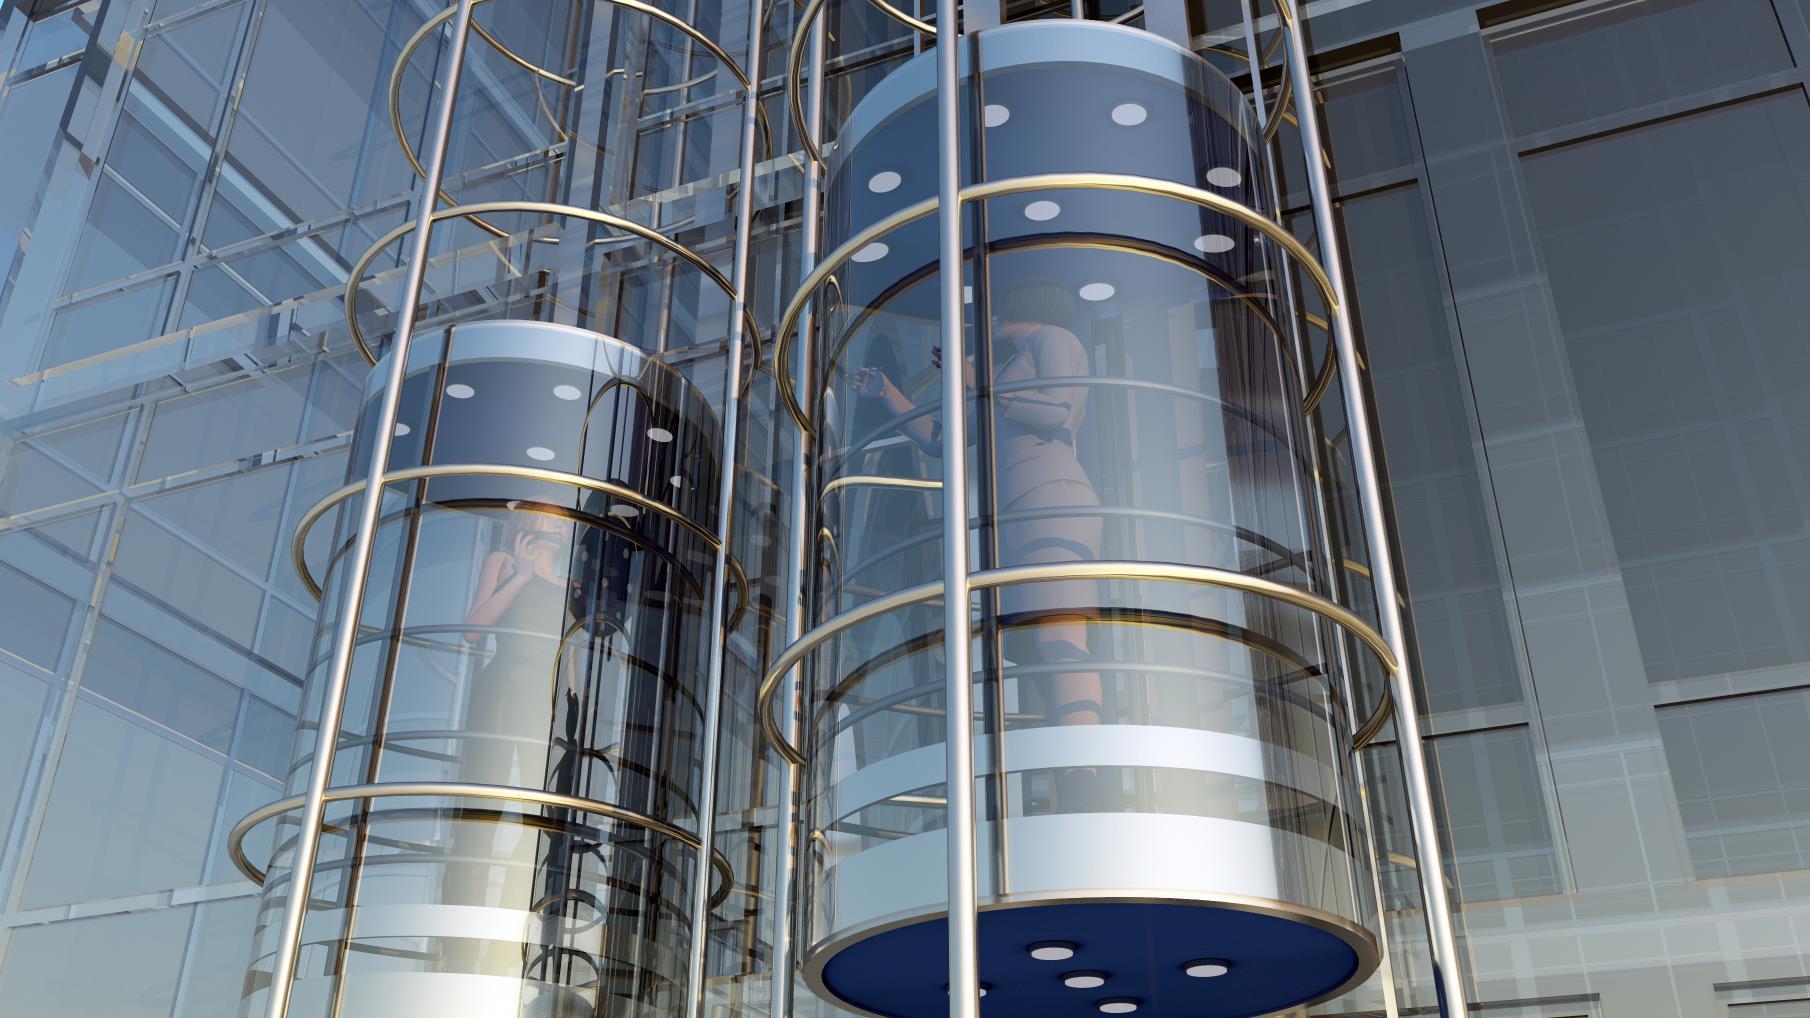 ankara asansör bakım firmaları, ankara asansör,asansör, asansör bakım firmaları,asansör bakımı,niğde asansör firmaları,cam kapılı insan asansörü